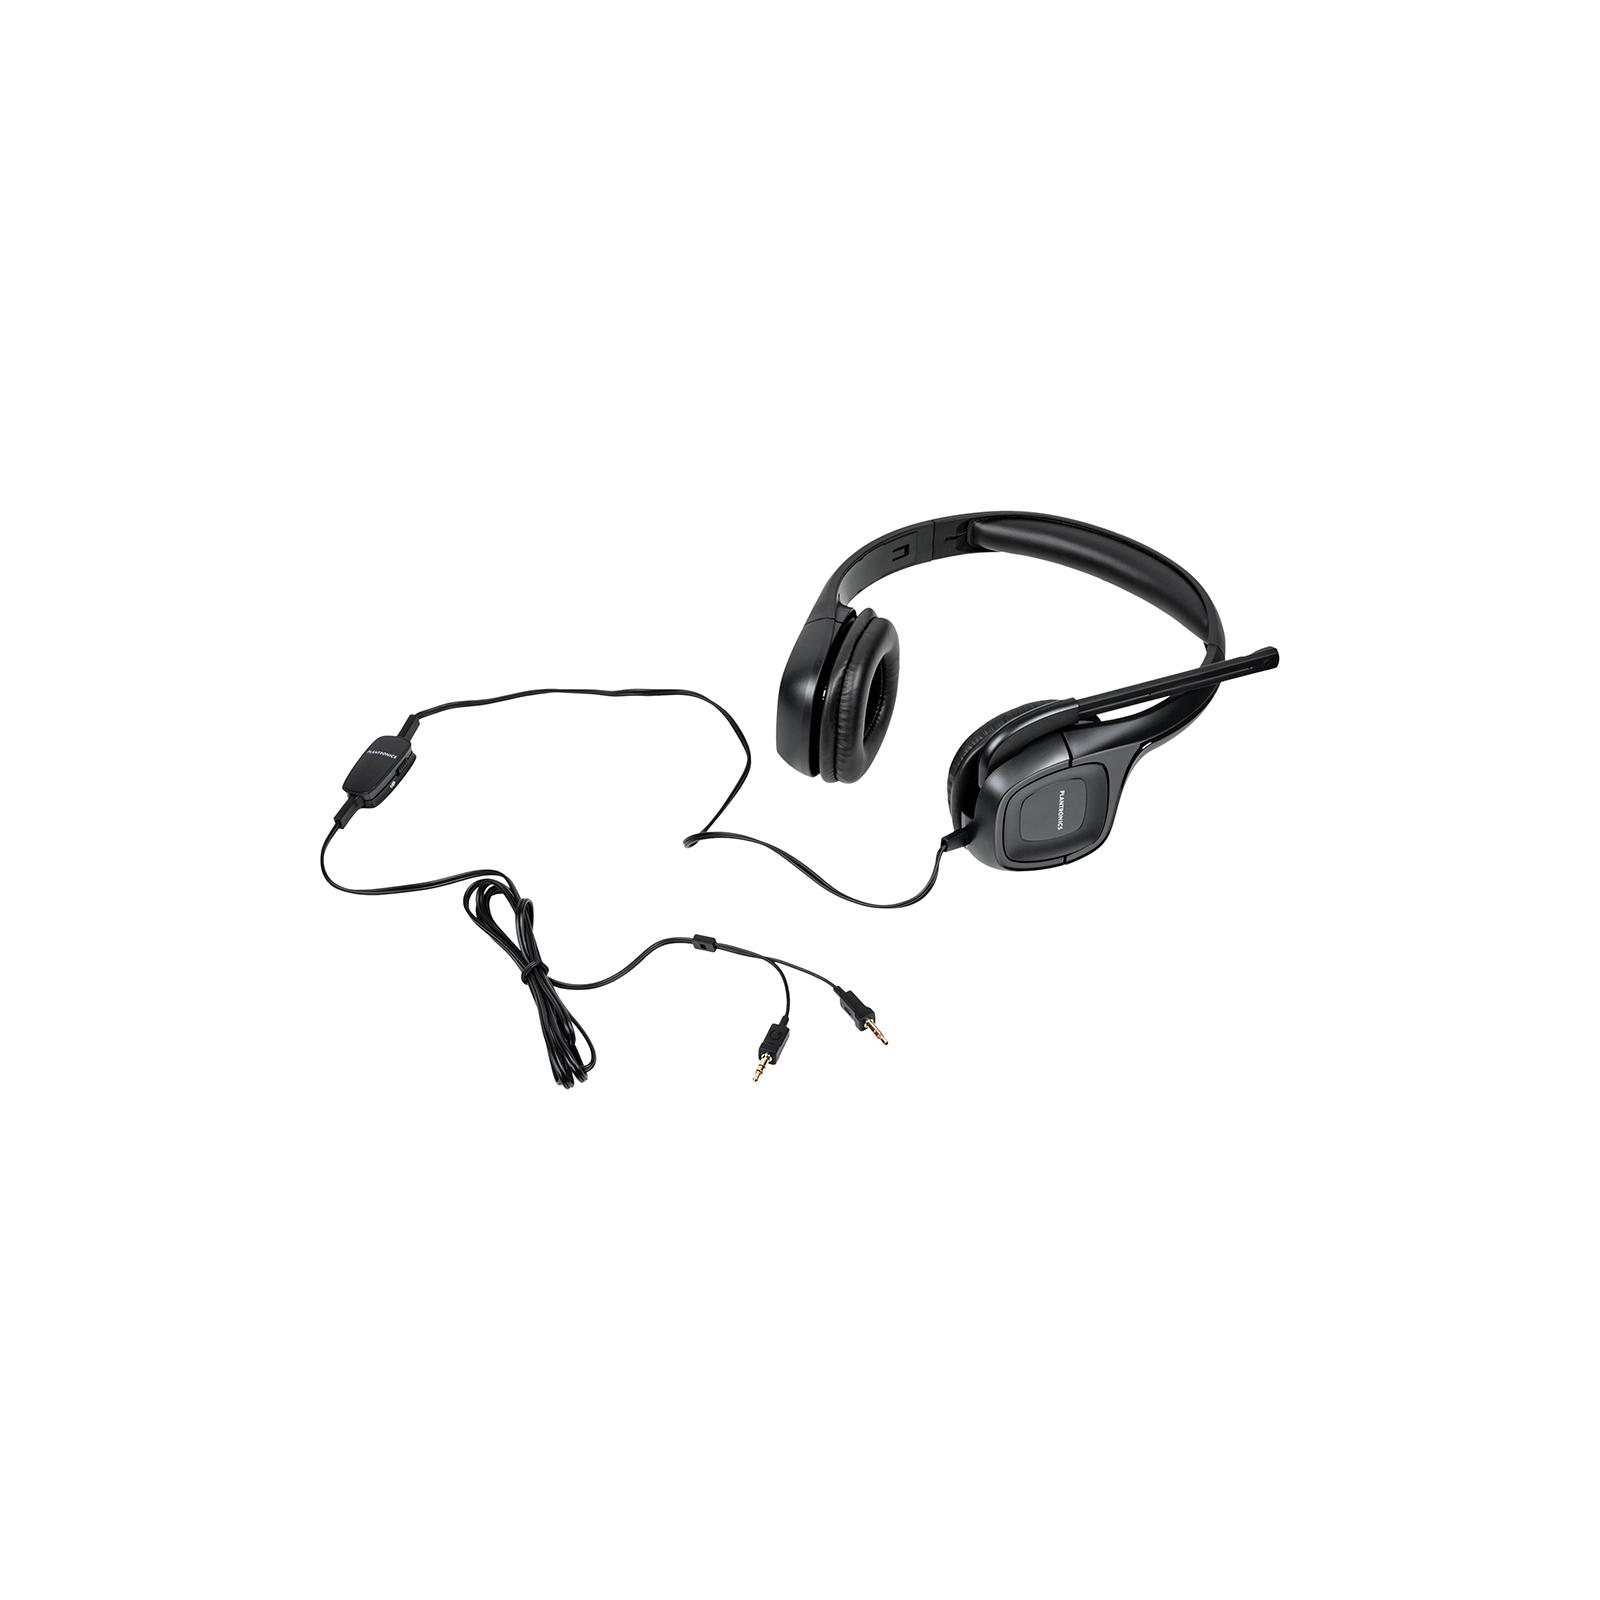 Наушники Plantronics Audio 355 (79730-05) изображение 6